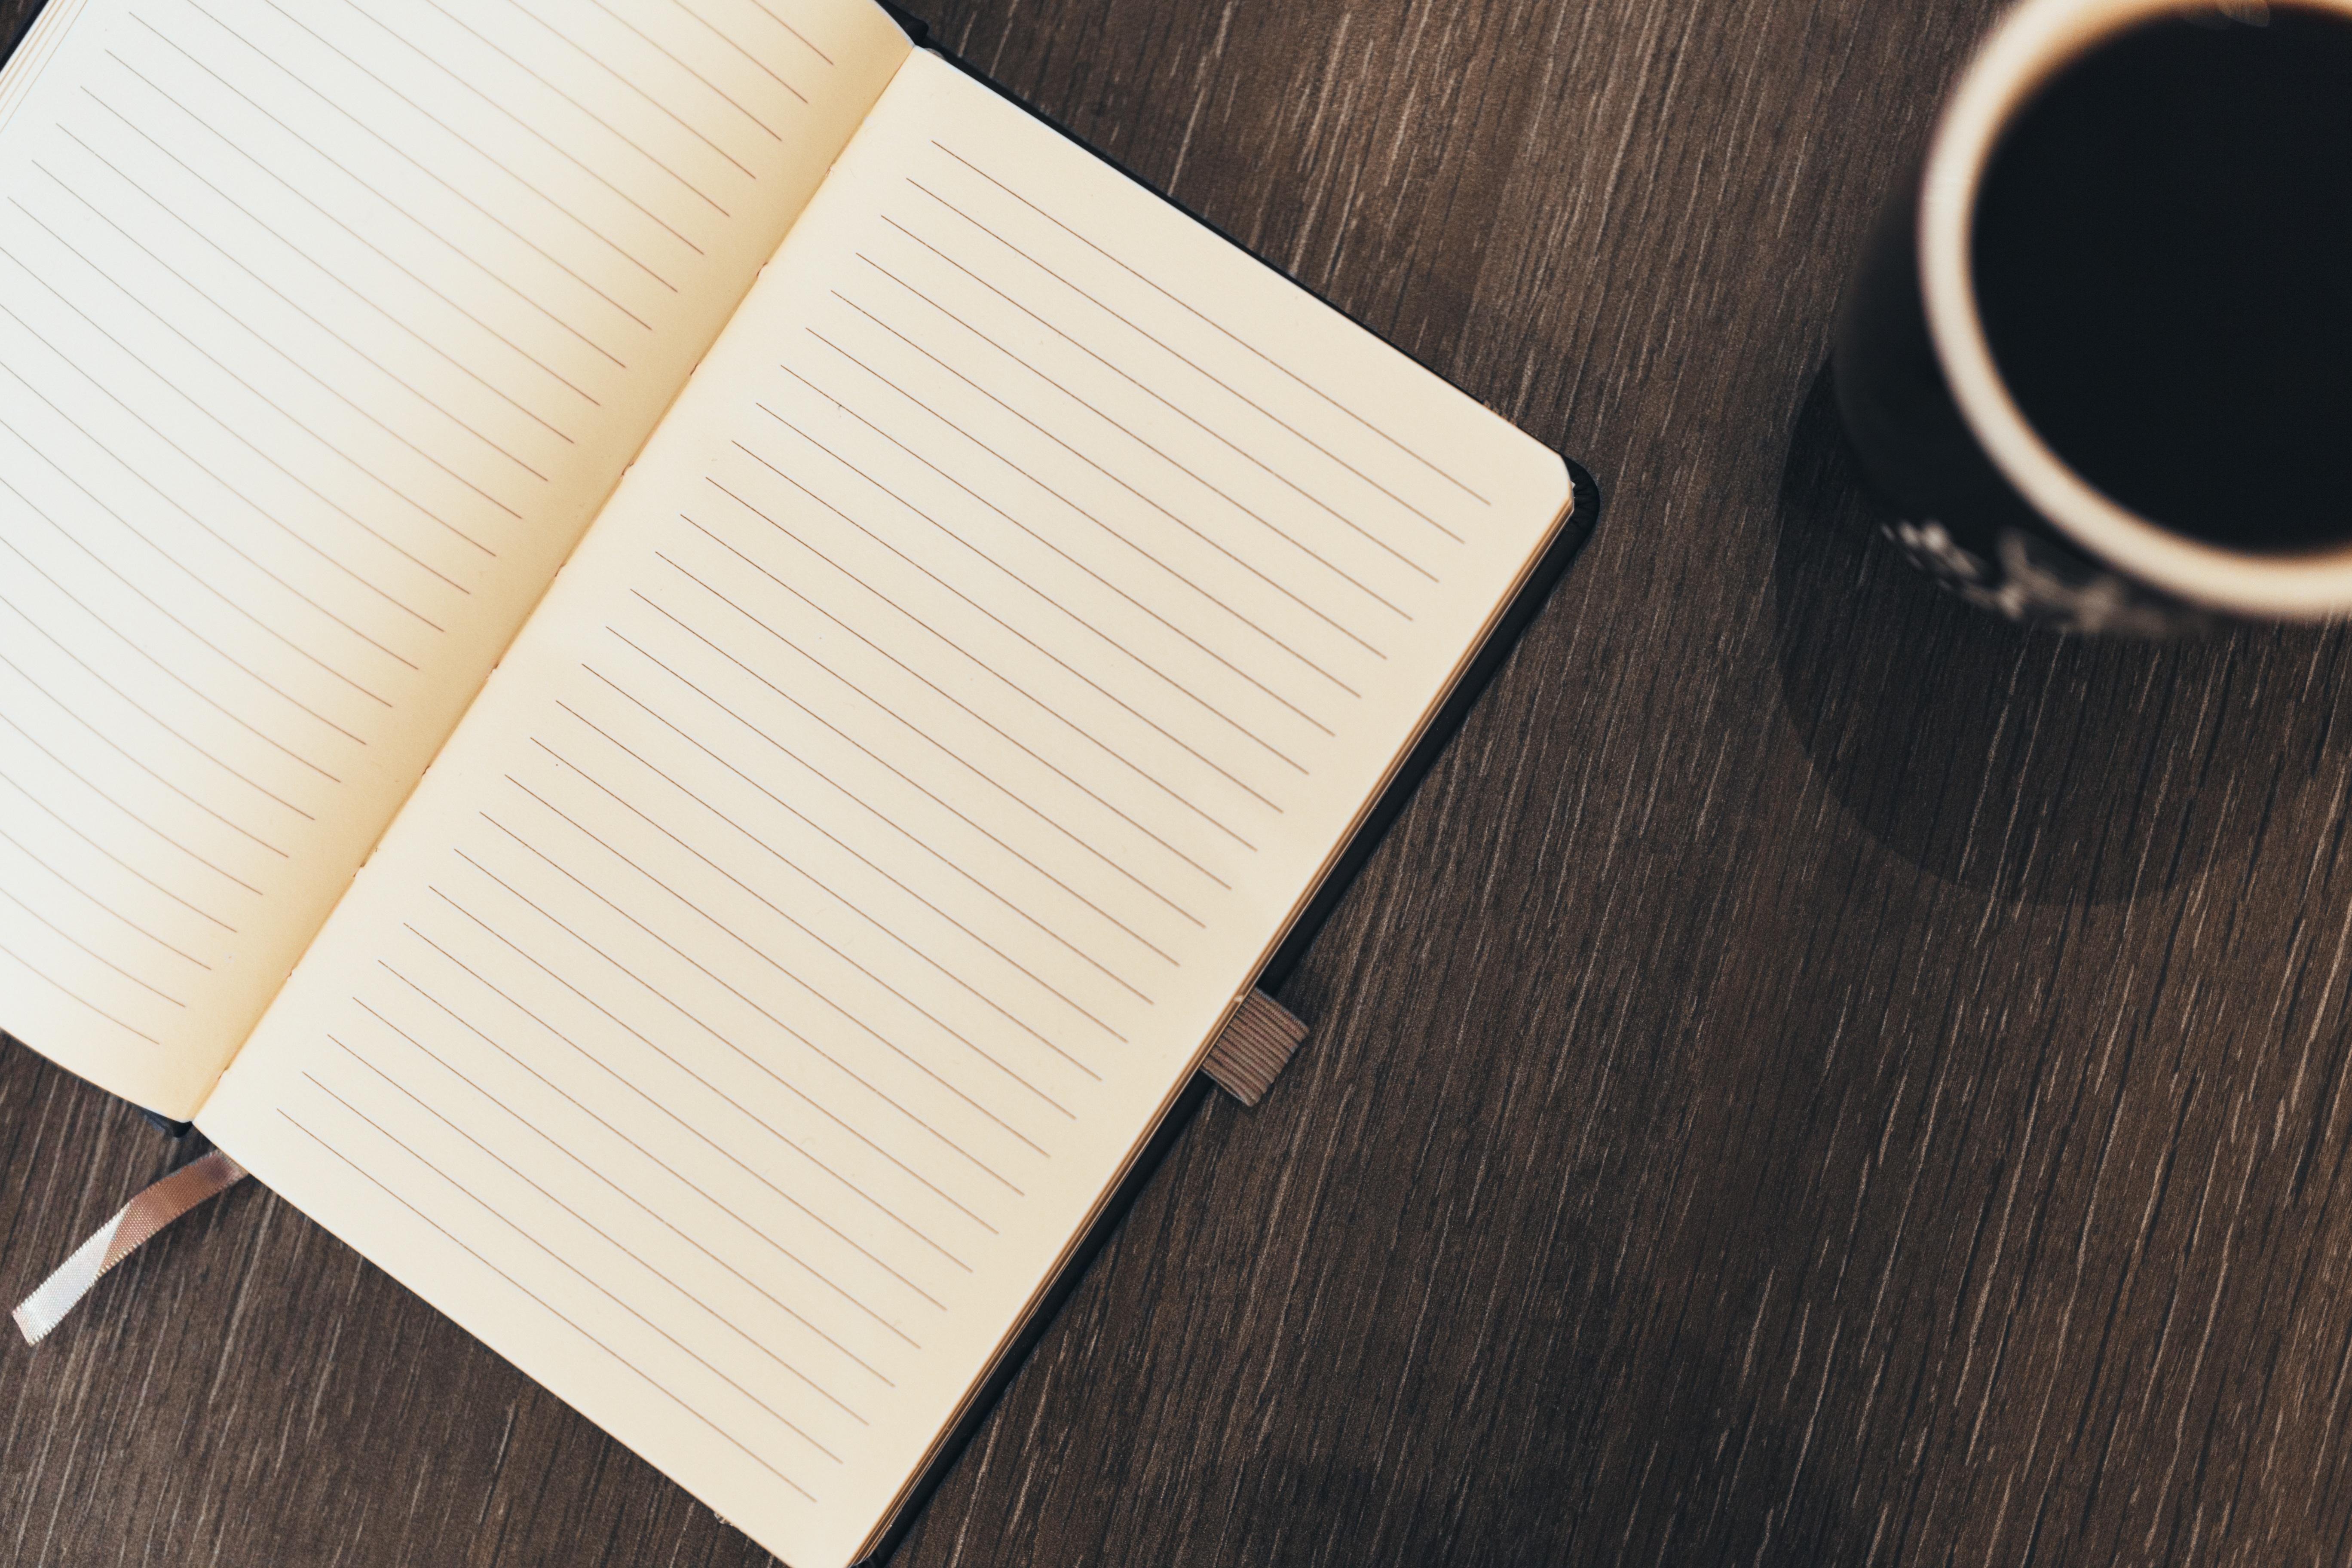 A naplóírás hatása: segít a gondolatok strukturálásában és önmagunk megértésében